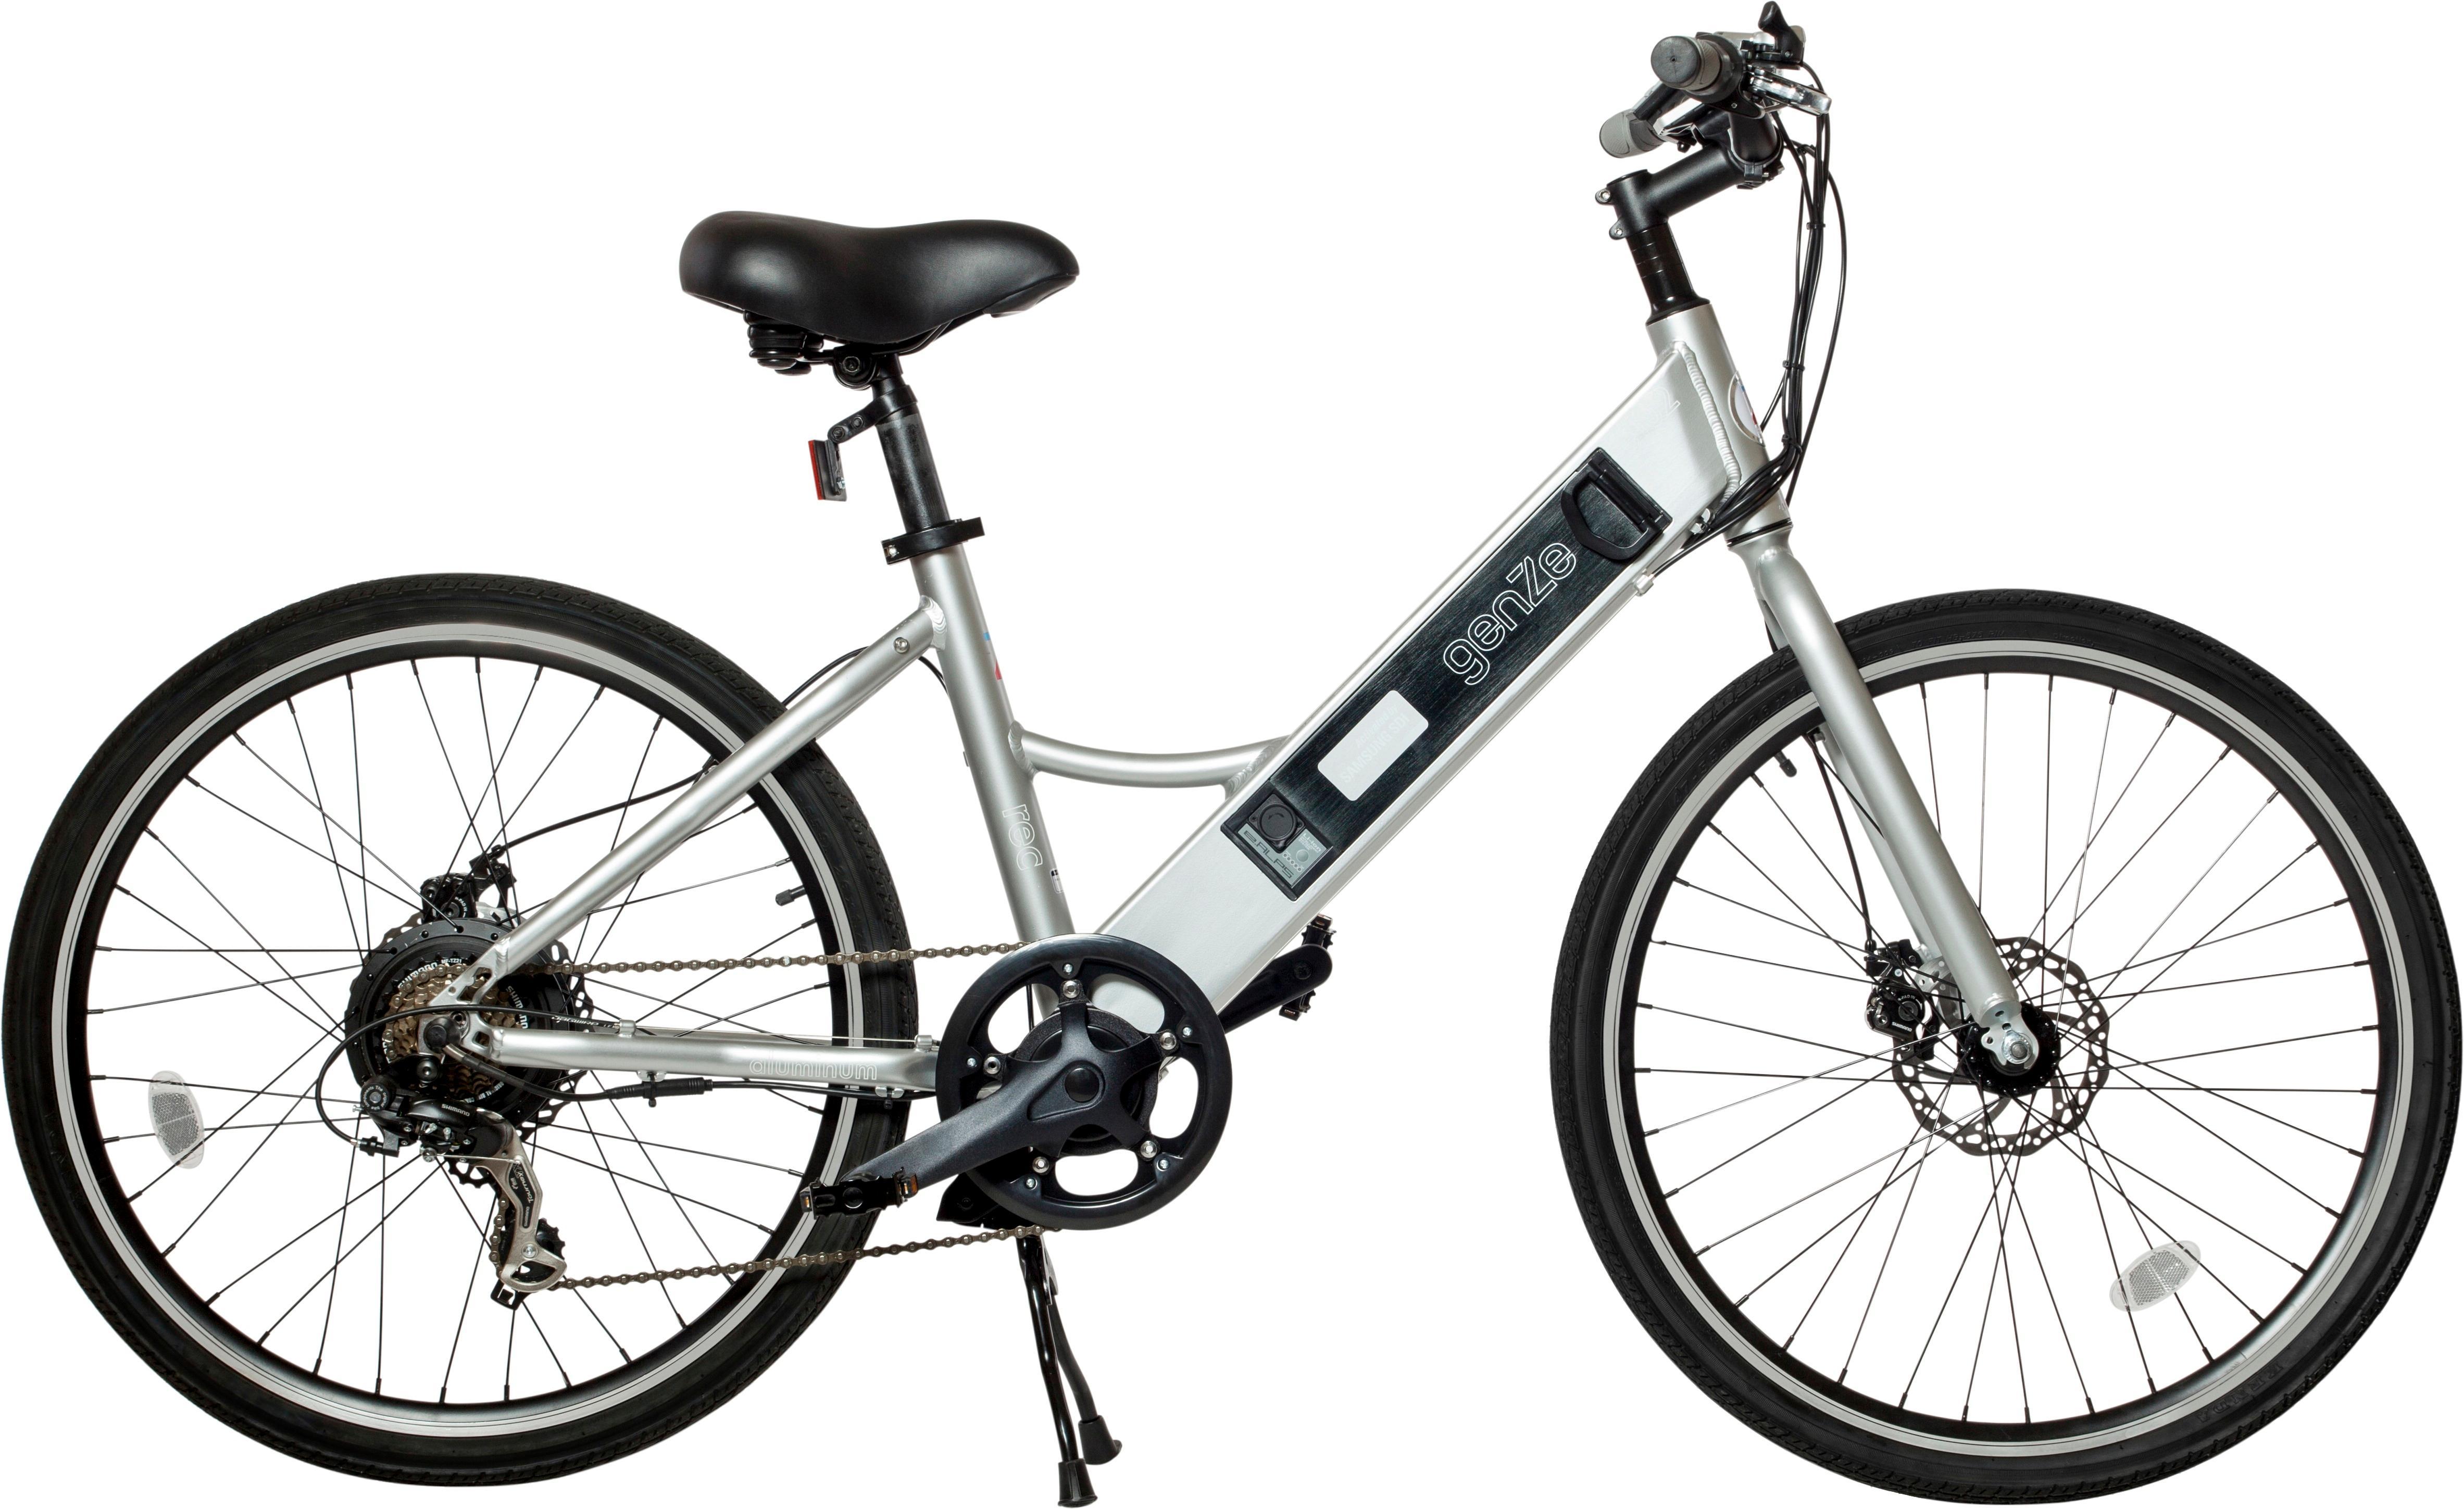 Genze E102 Rec Riser Electric Bike Silver 16 102 Sil 350